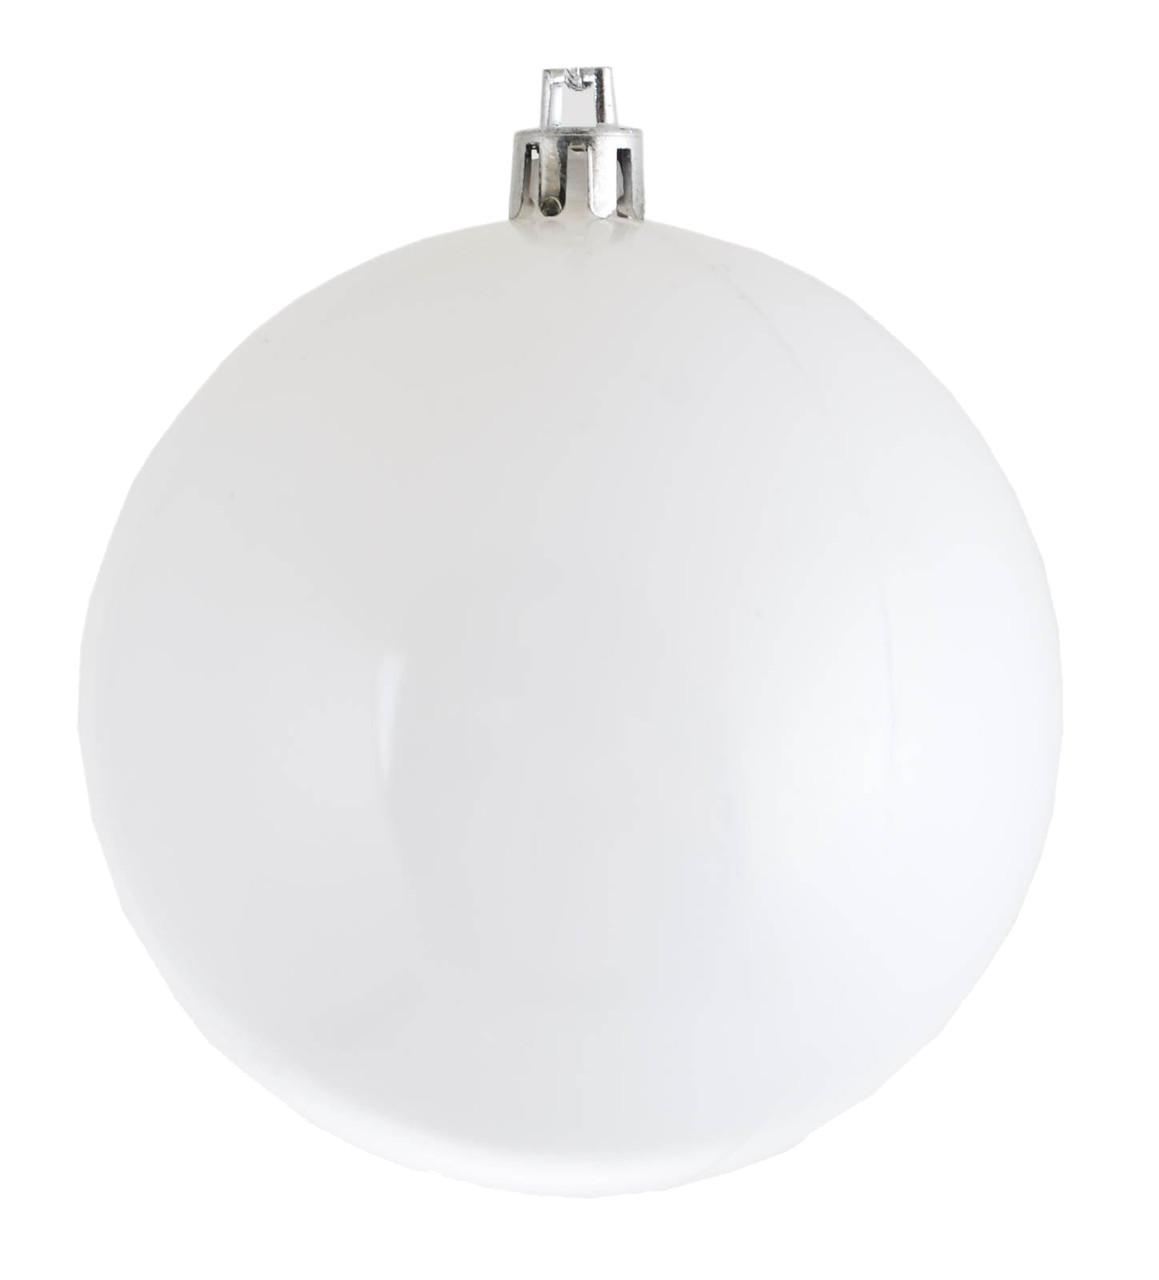 Шар новогодний елочный пластиковый d-8 см белый матовый